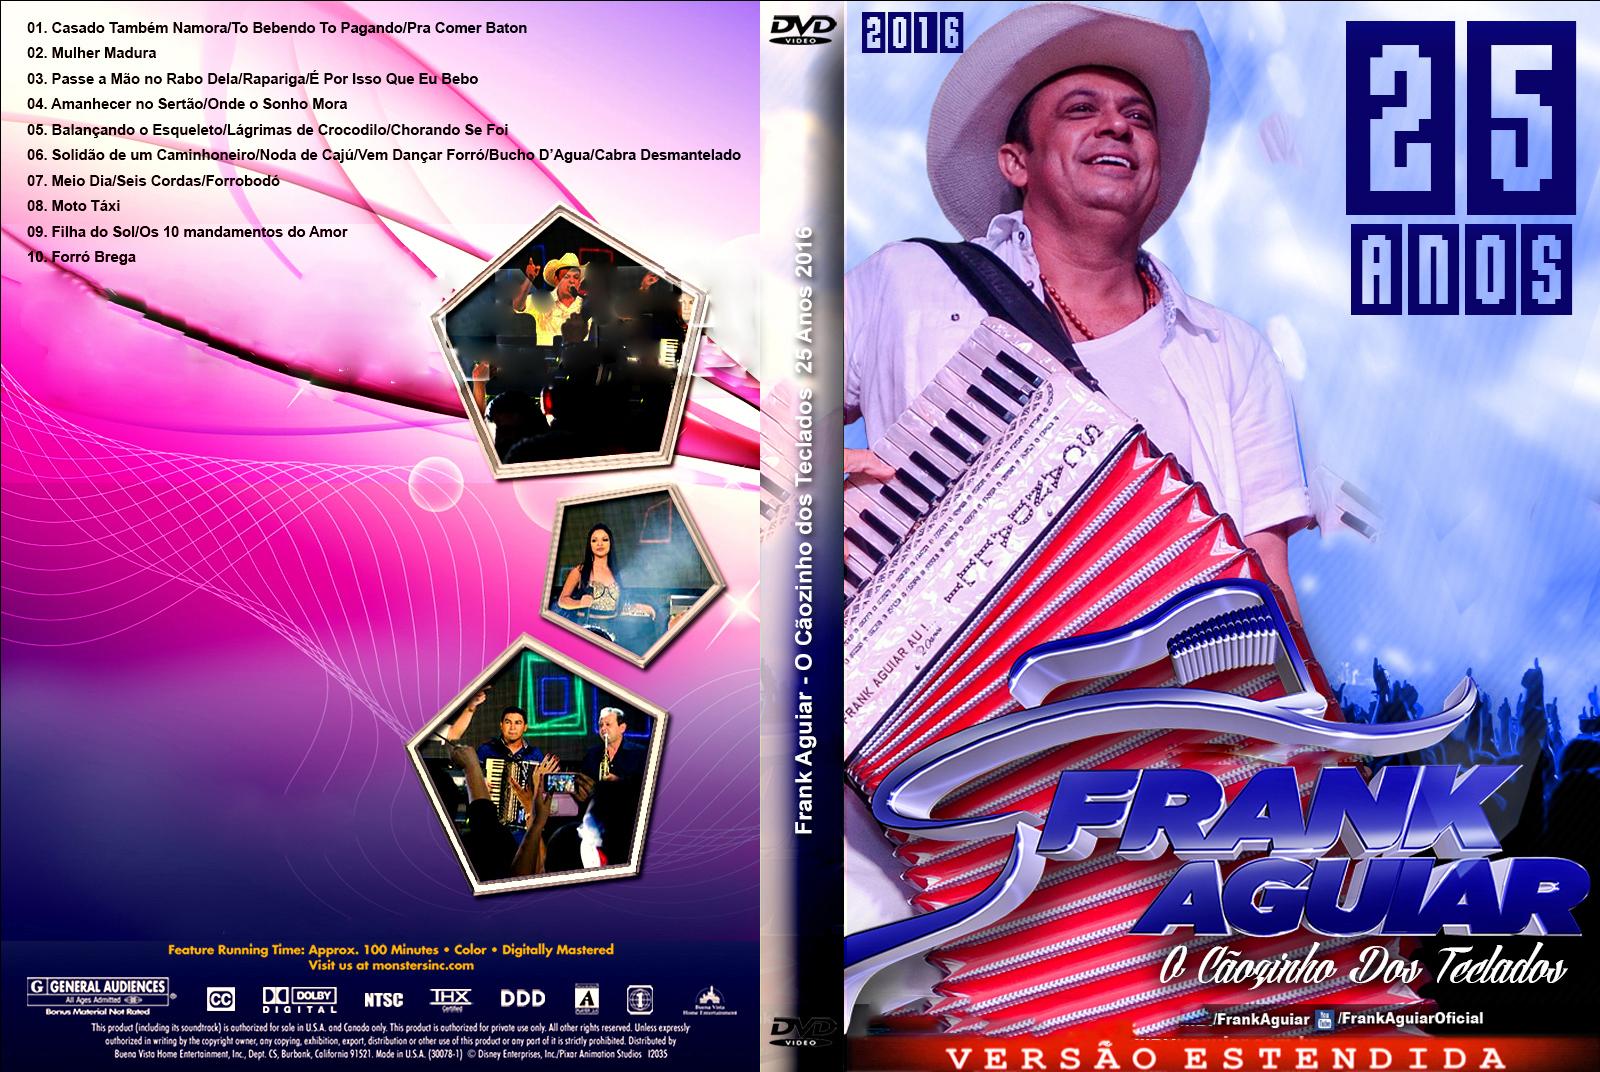 Frank Aguiar O Caozinho Dos Teclados DVDRip XviD 2016 Frank 2BAguiar 2BO 2BCaozinho 2BDos 2BTeclados 2B25 2BAnos 2BDVD R 2B  2BXANDAODOWNLOAD